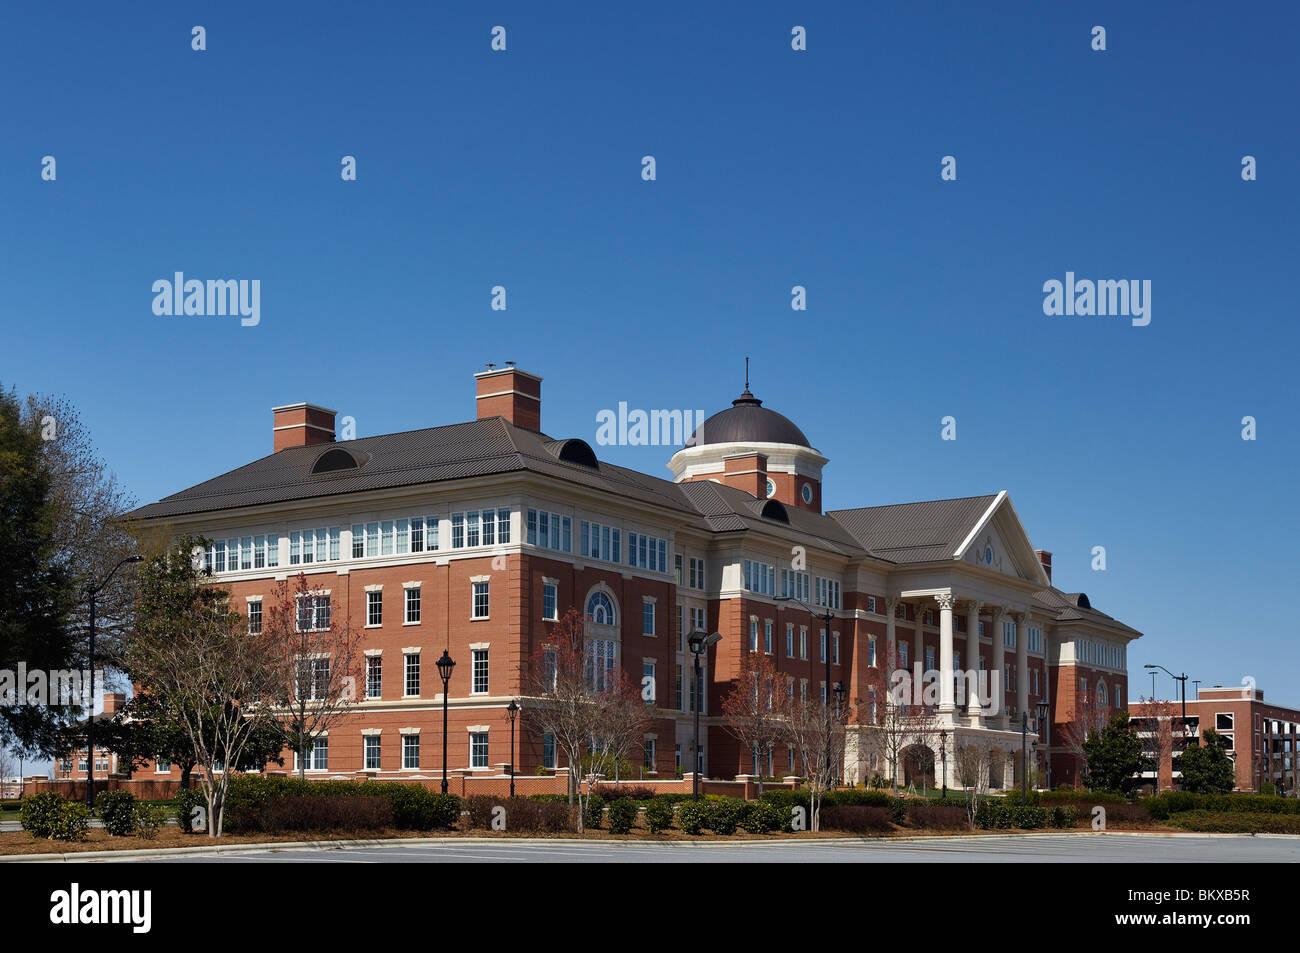 North Carolina Research Campus in Kannapolis, North Carolina - Stock Image